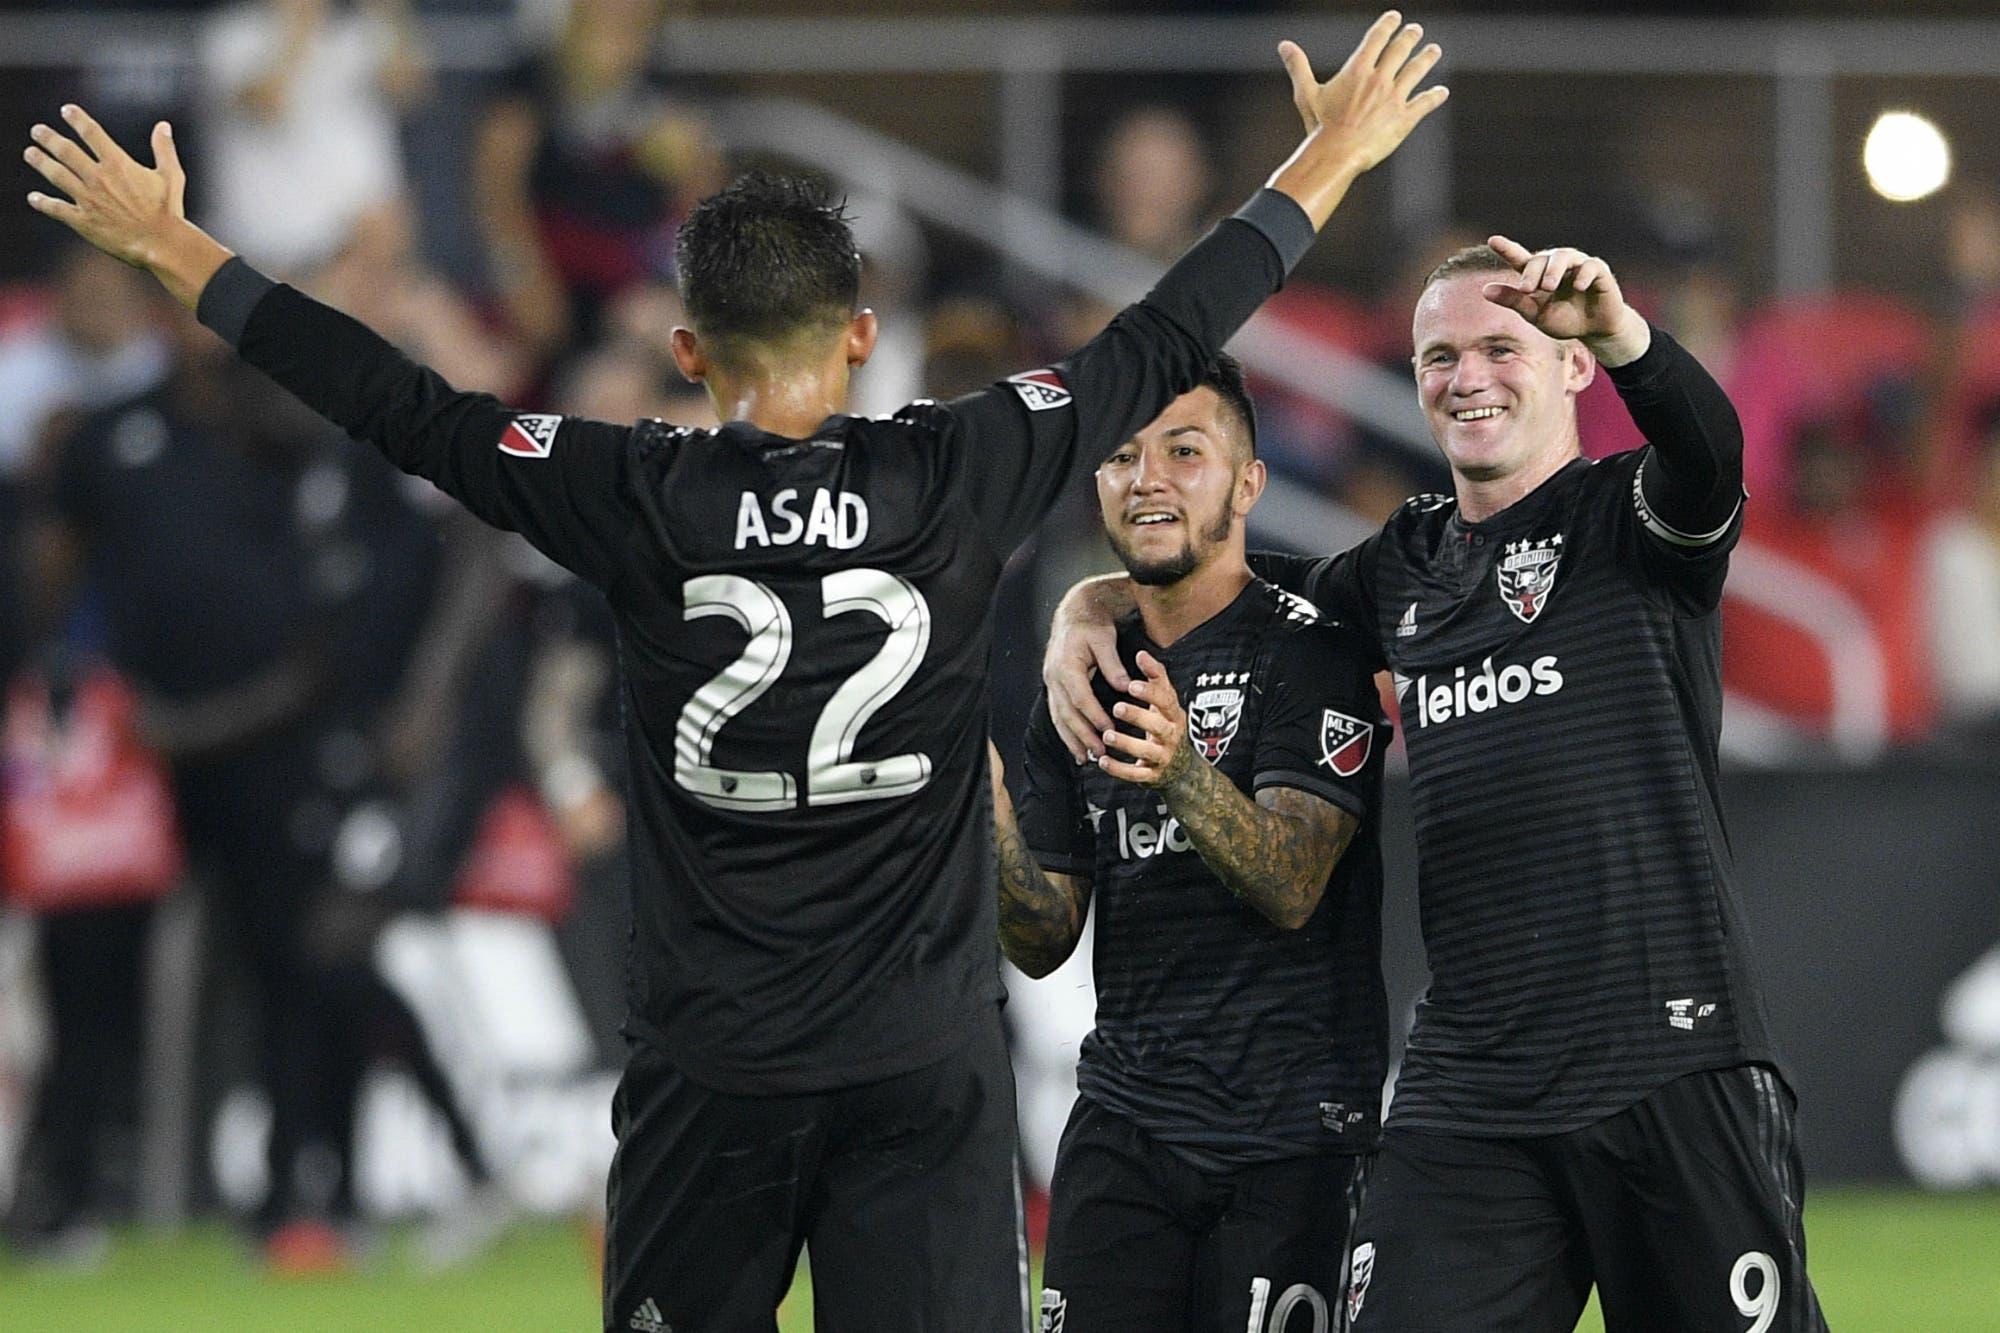 La espectacular jugada de Wayne Rooney en el minuto 95 que terminó con un gol de Luciano Acosta